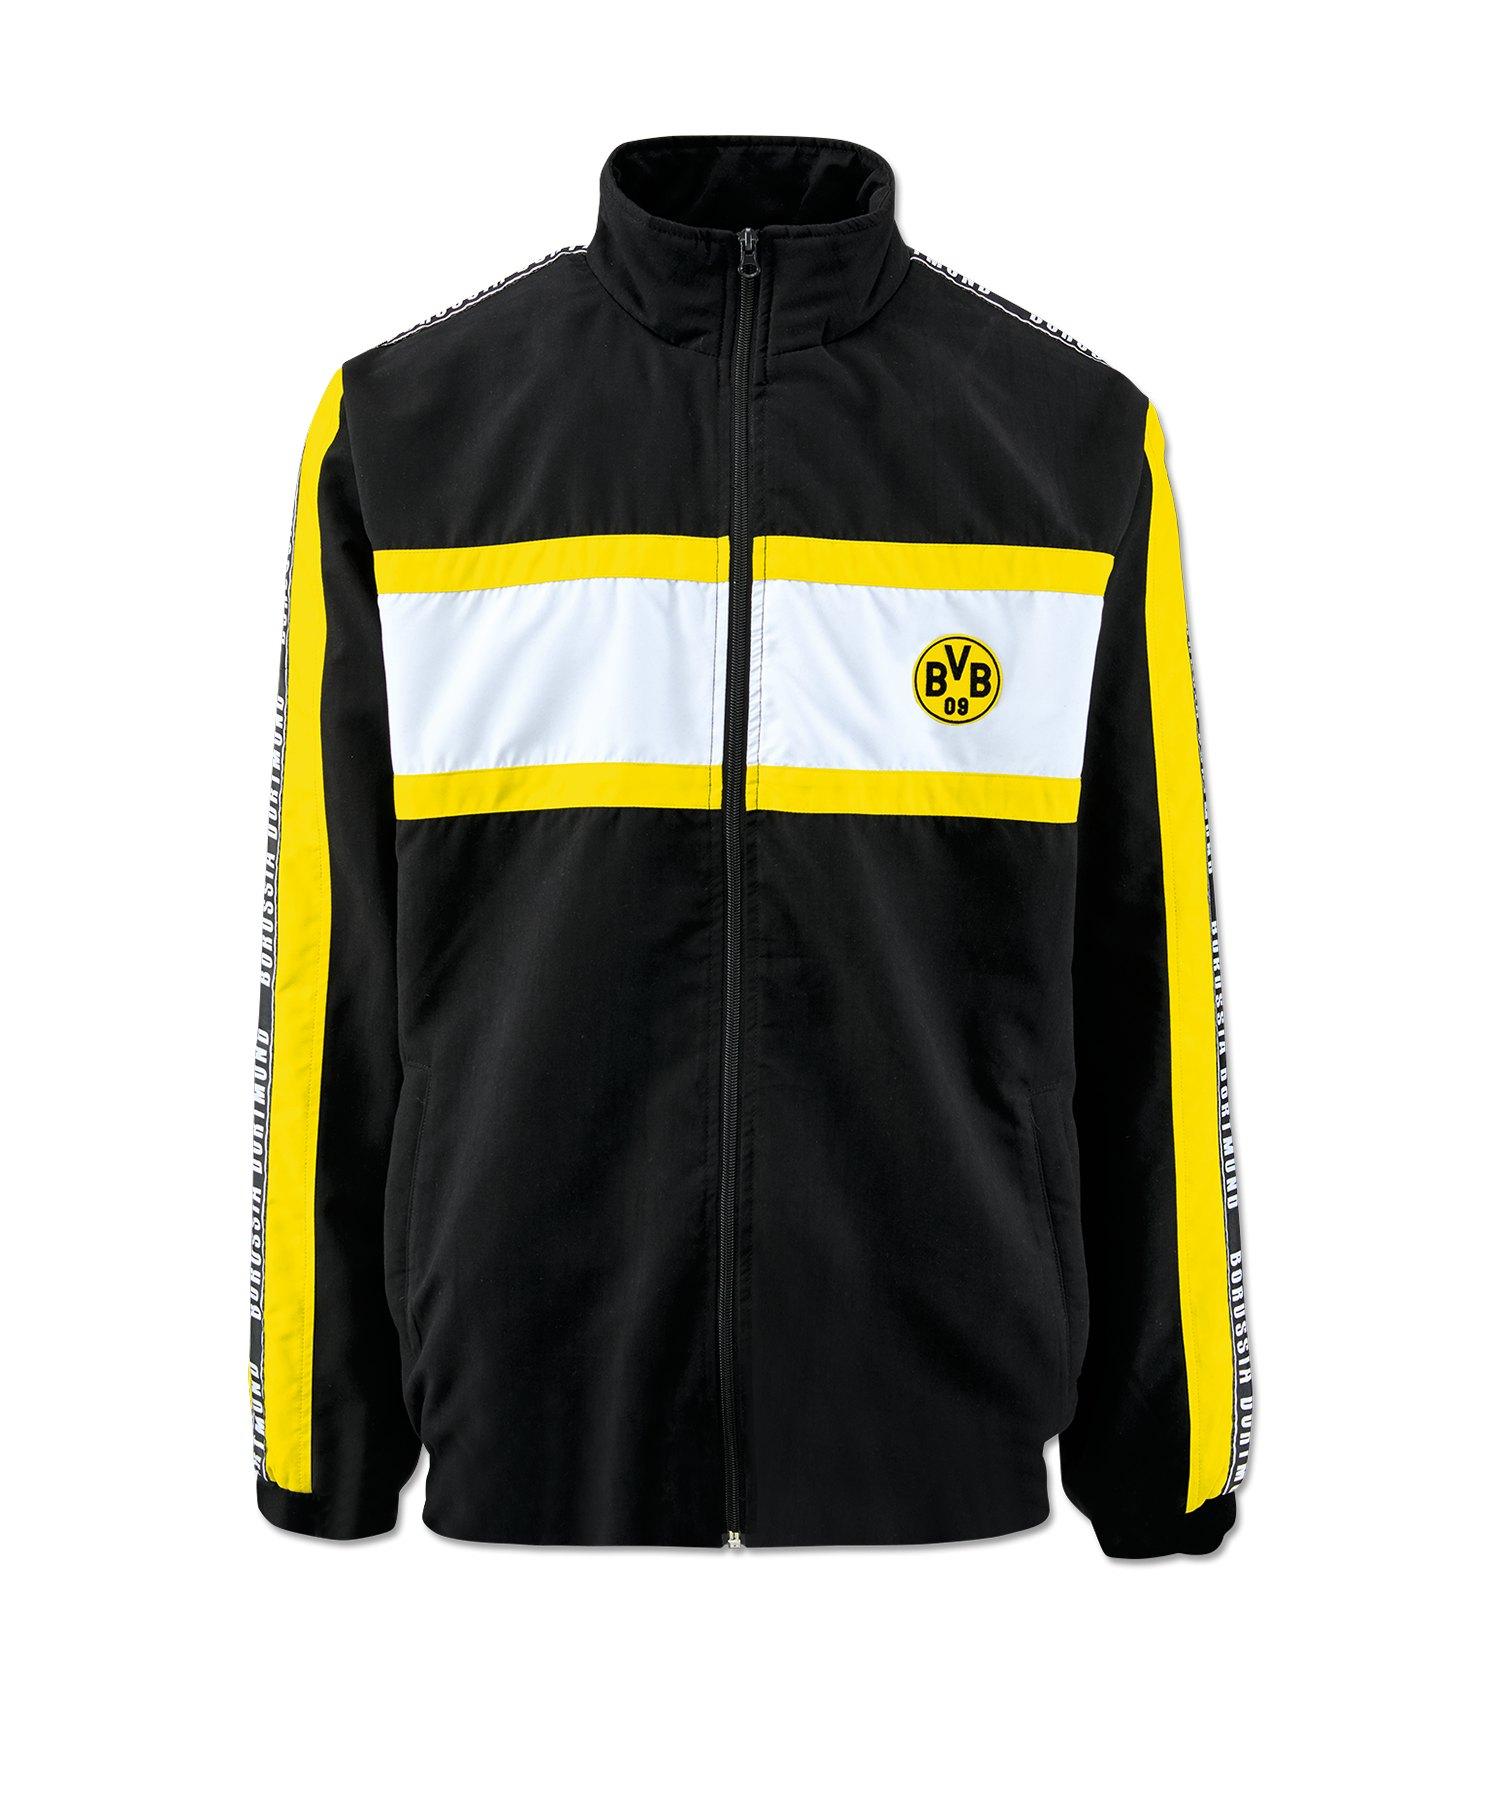 BVB Borussia Dortmund Streetwear Jacke Schwarz - schwarz